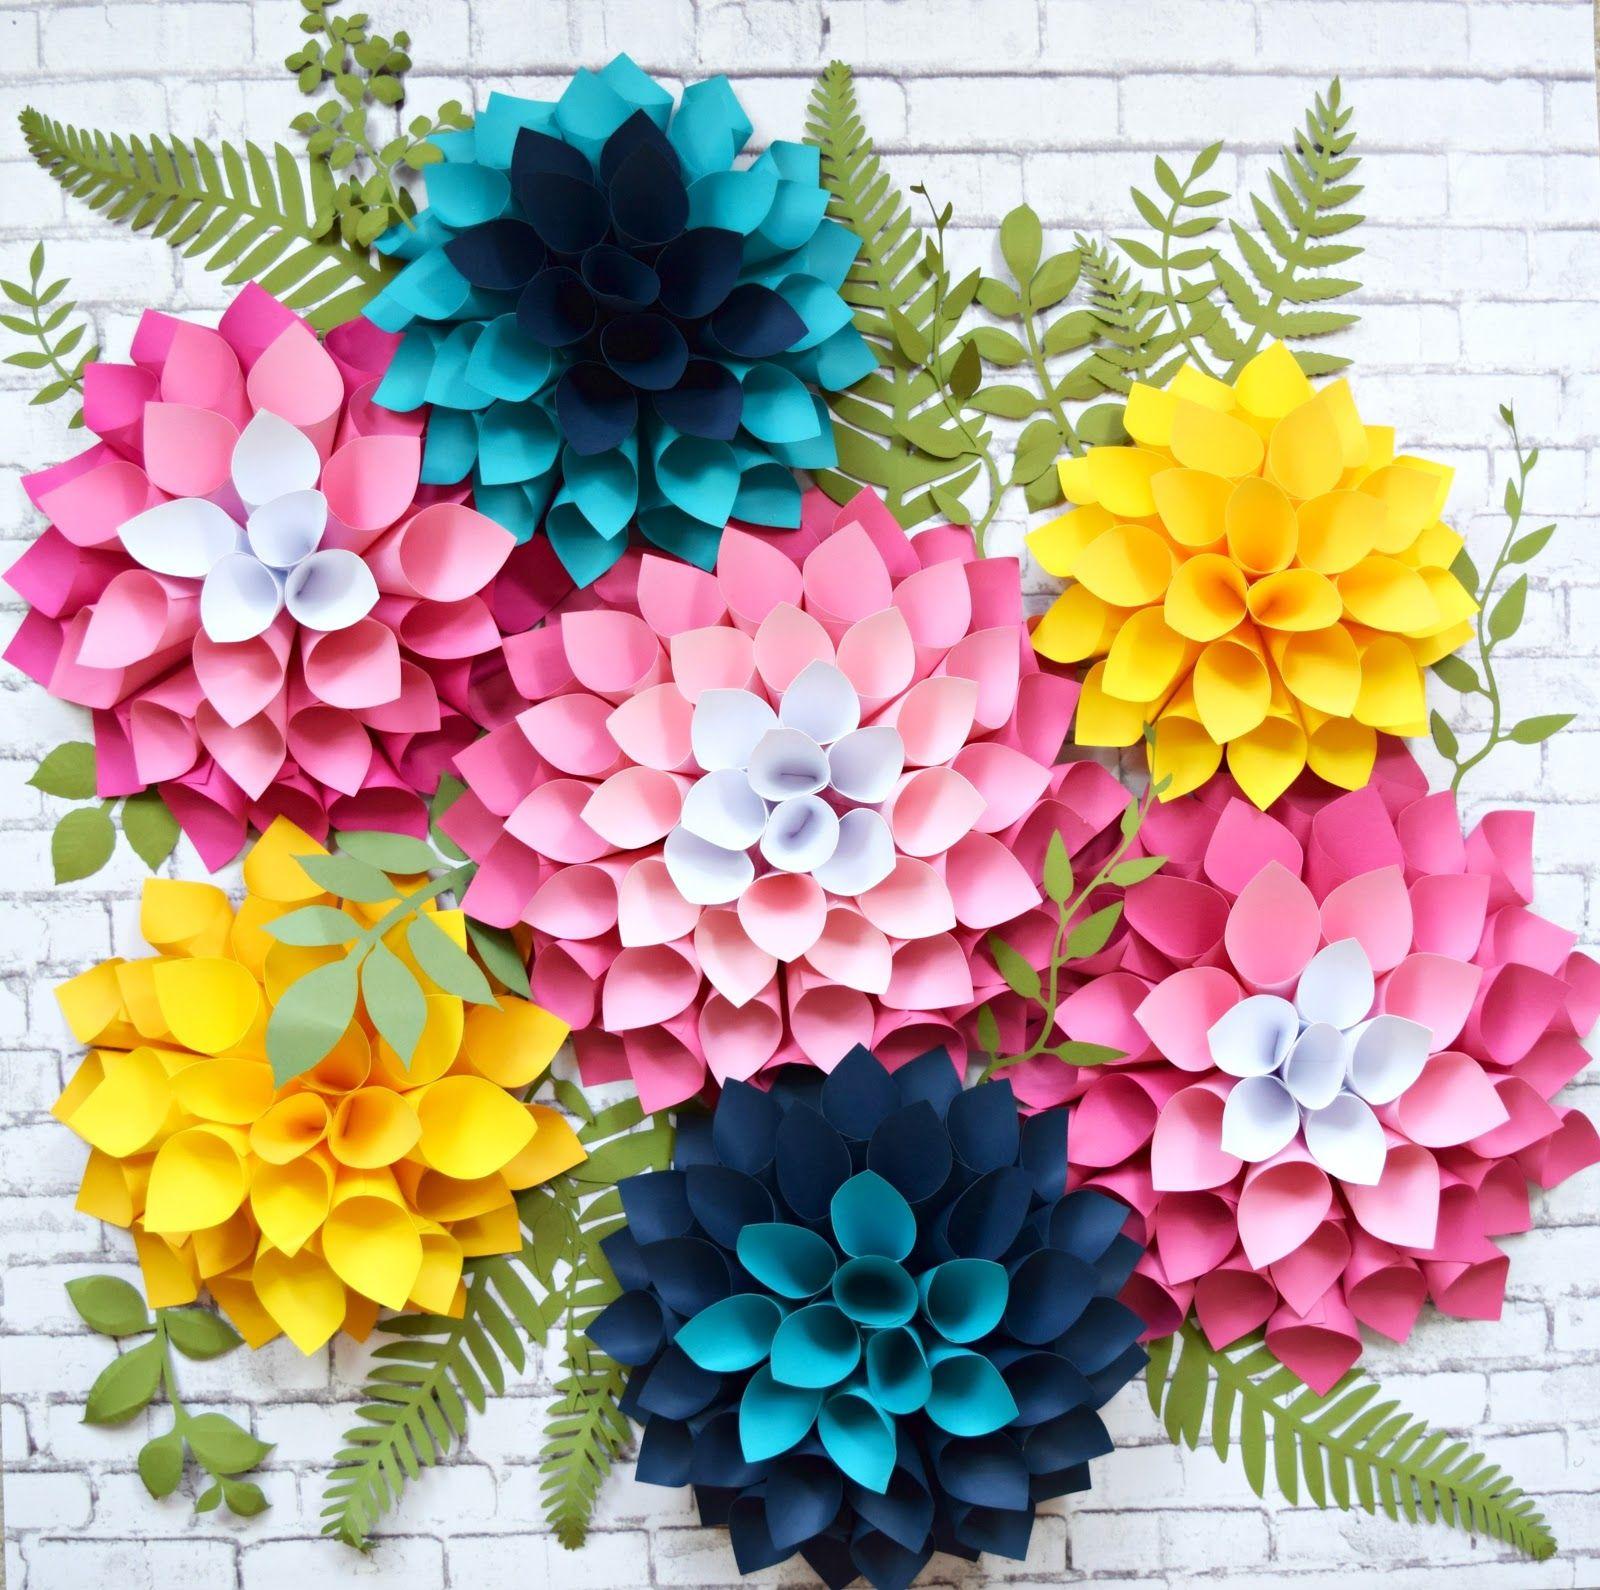 Поделки цветы картинки, милые рисунки карандашом